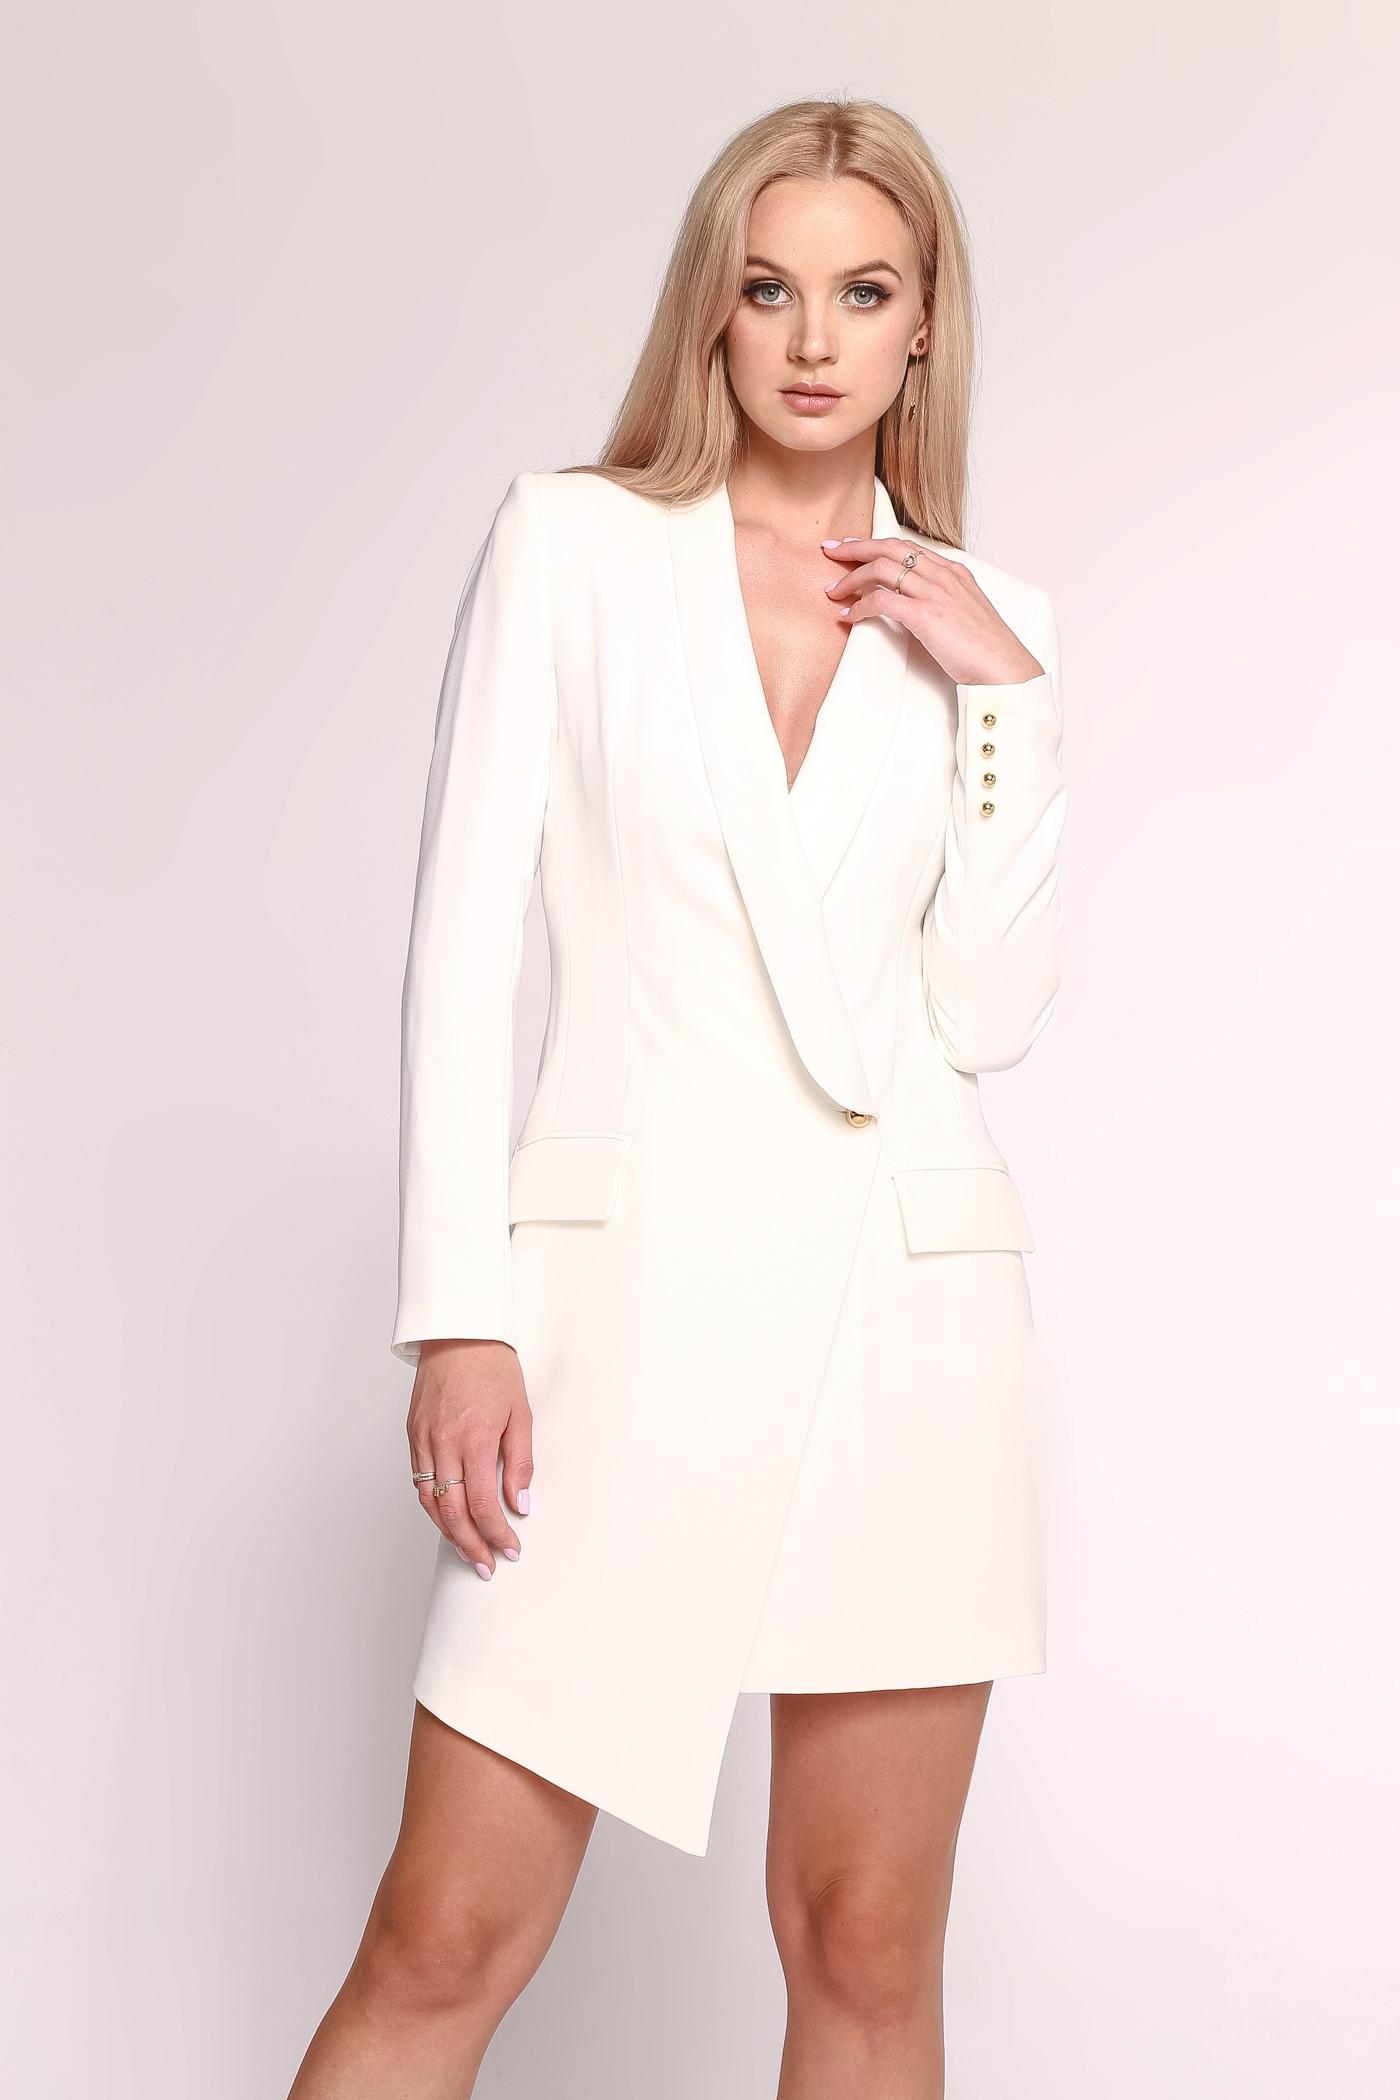 Biała sukienka o kroju marynarki Blanca by Swing SWING